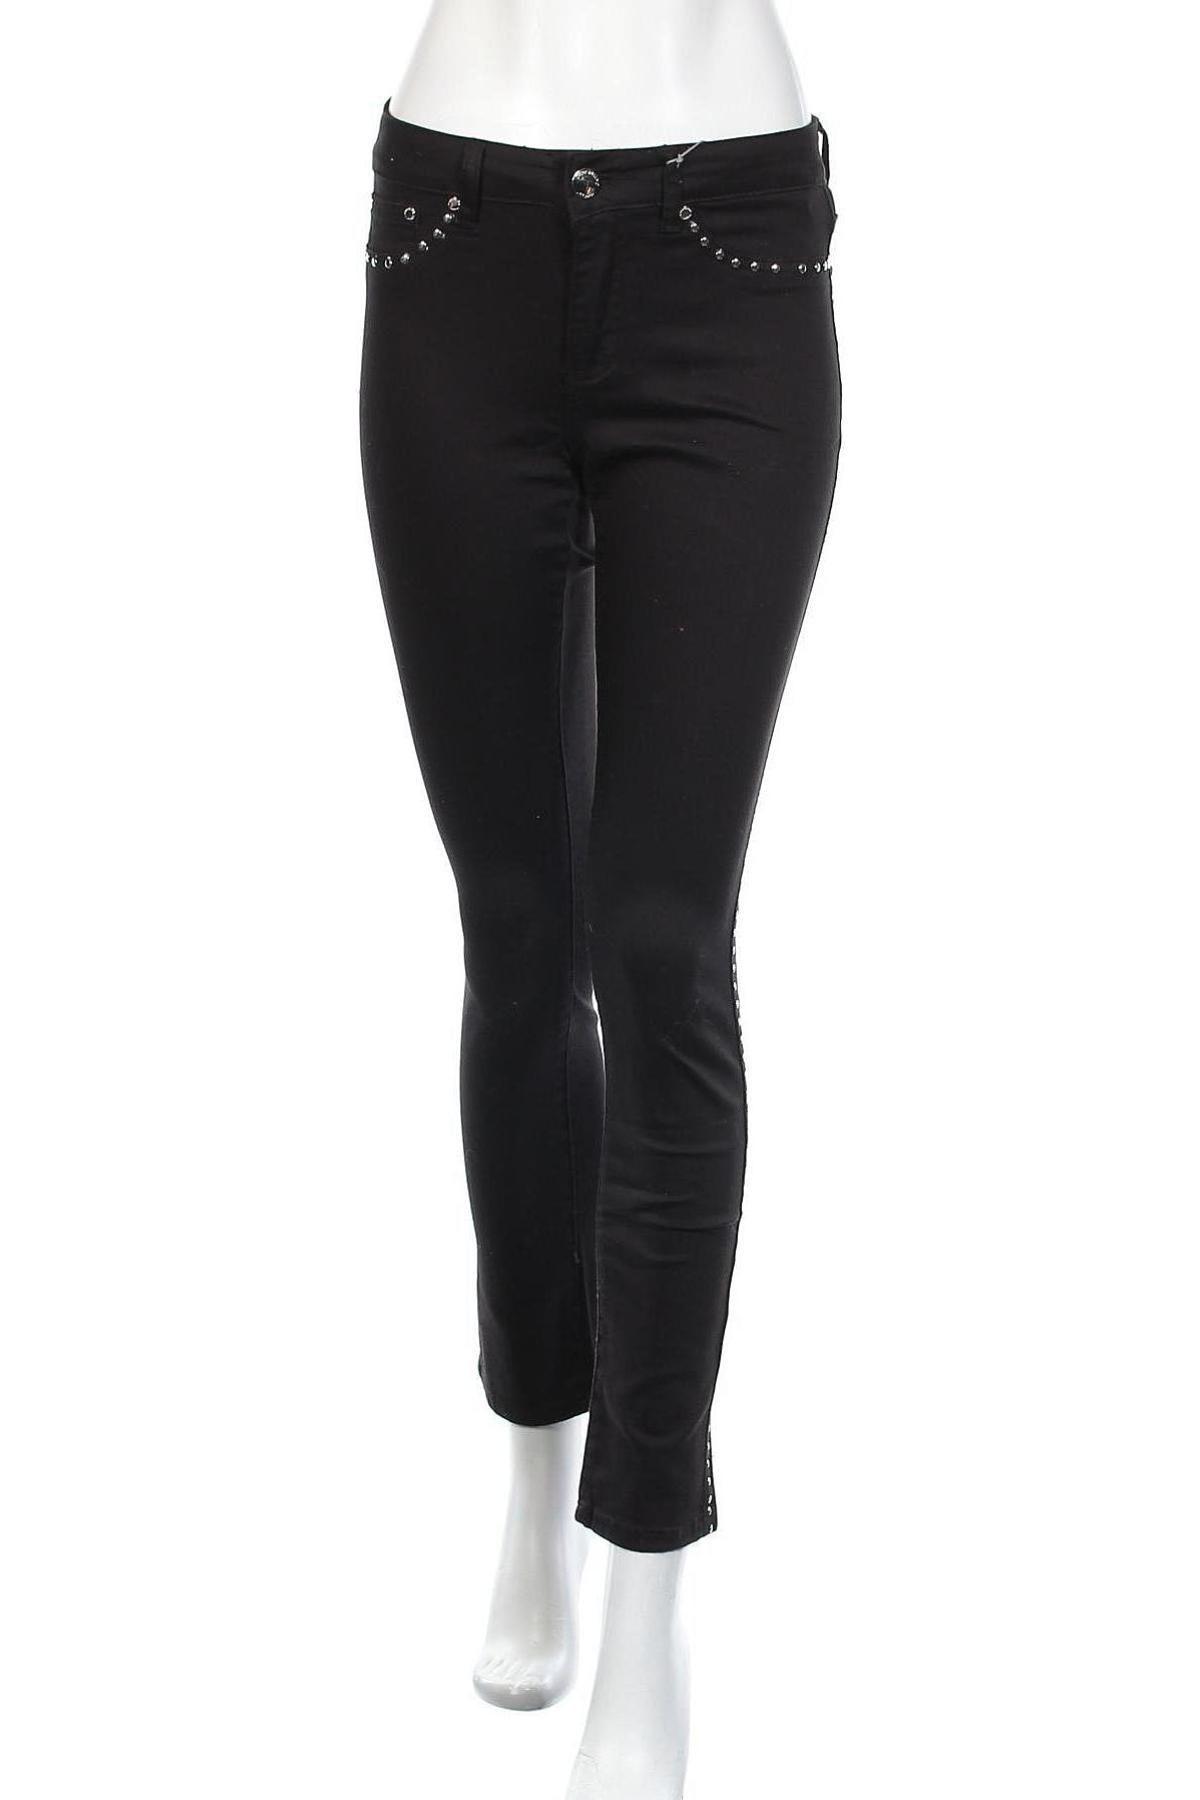 Дамски панталон Camomilla, Размер S, Цвят Черен, 98% памук, 2% еластан, Цена 17,80лв.